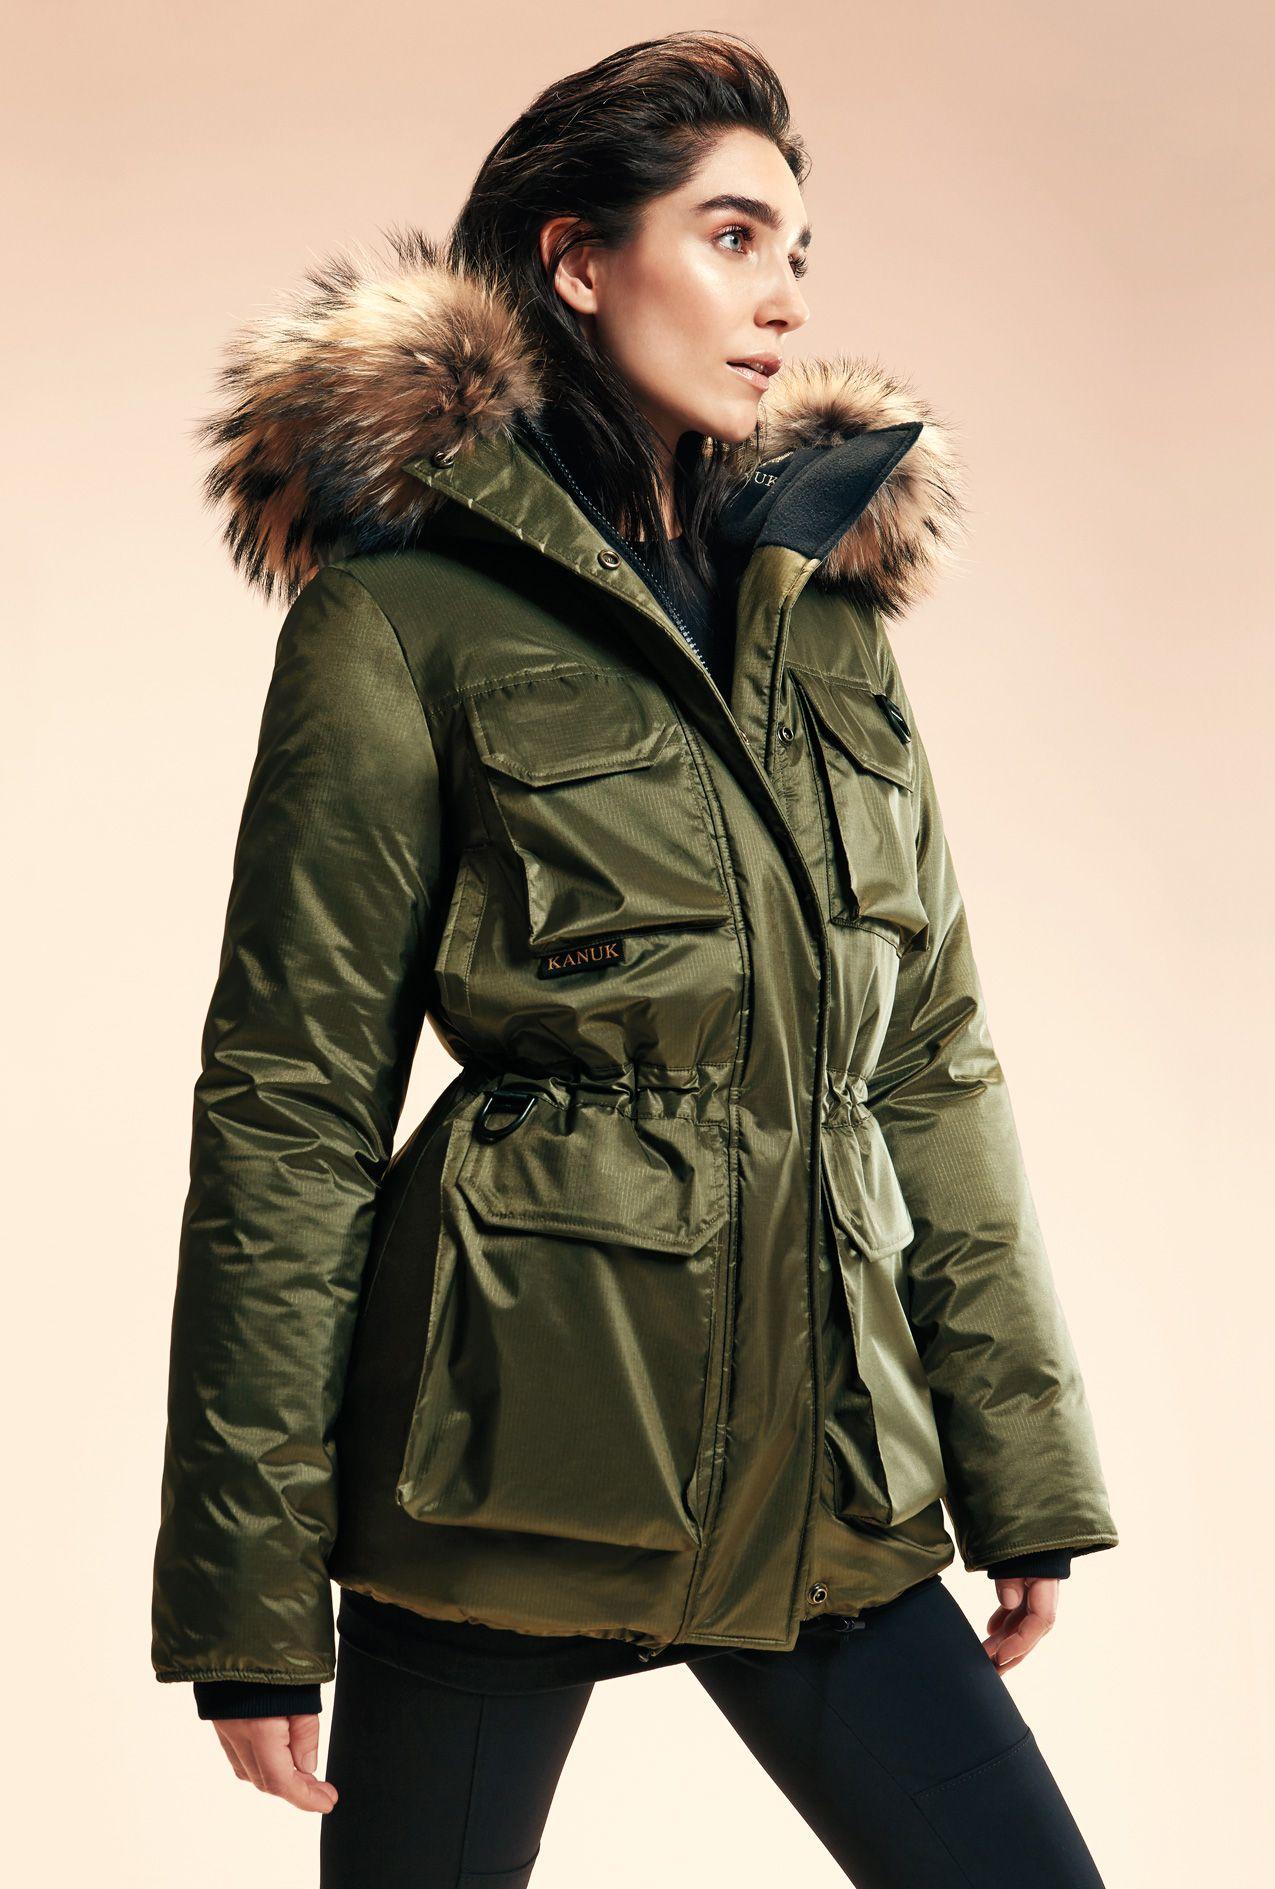 le fameux manteau polaire kanuk tr s chaud l ger et tr s. Black Bedroom Furniture Sets. Home Design Ideas